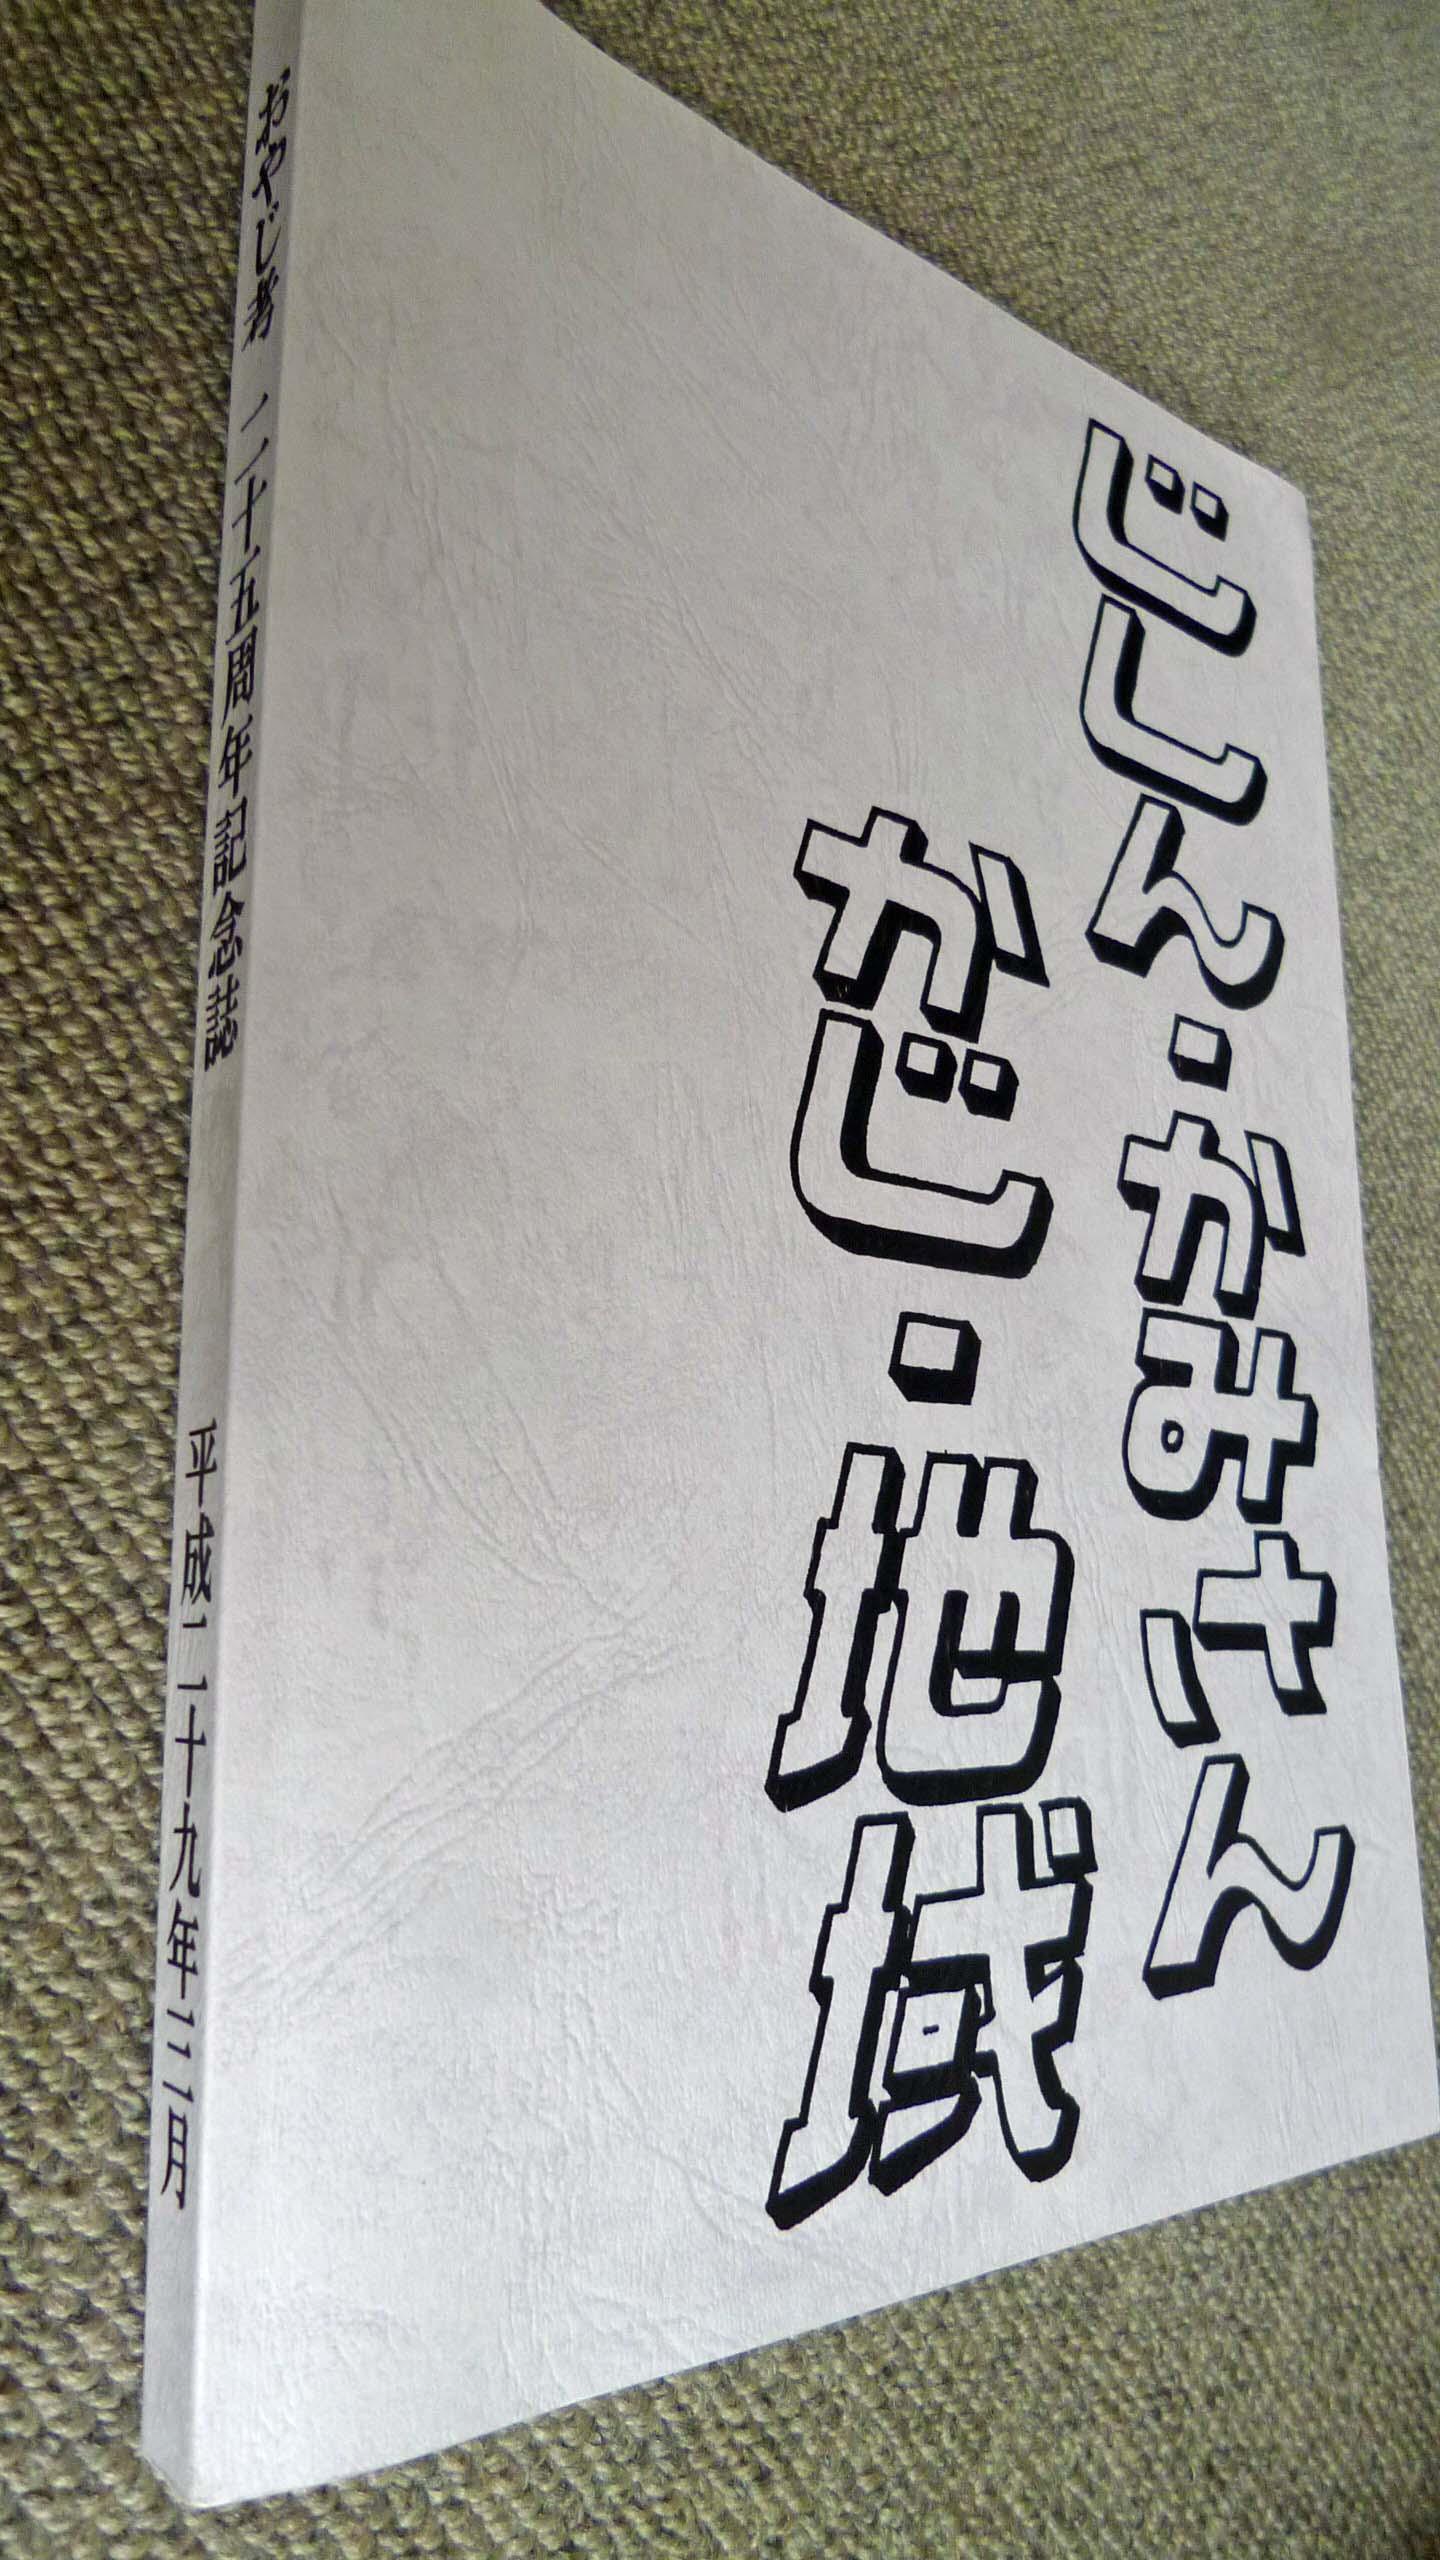 ひでオヤジ様が実際にイシダ印刷で印刷・製本した画像